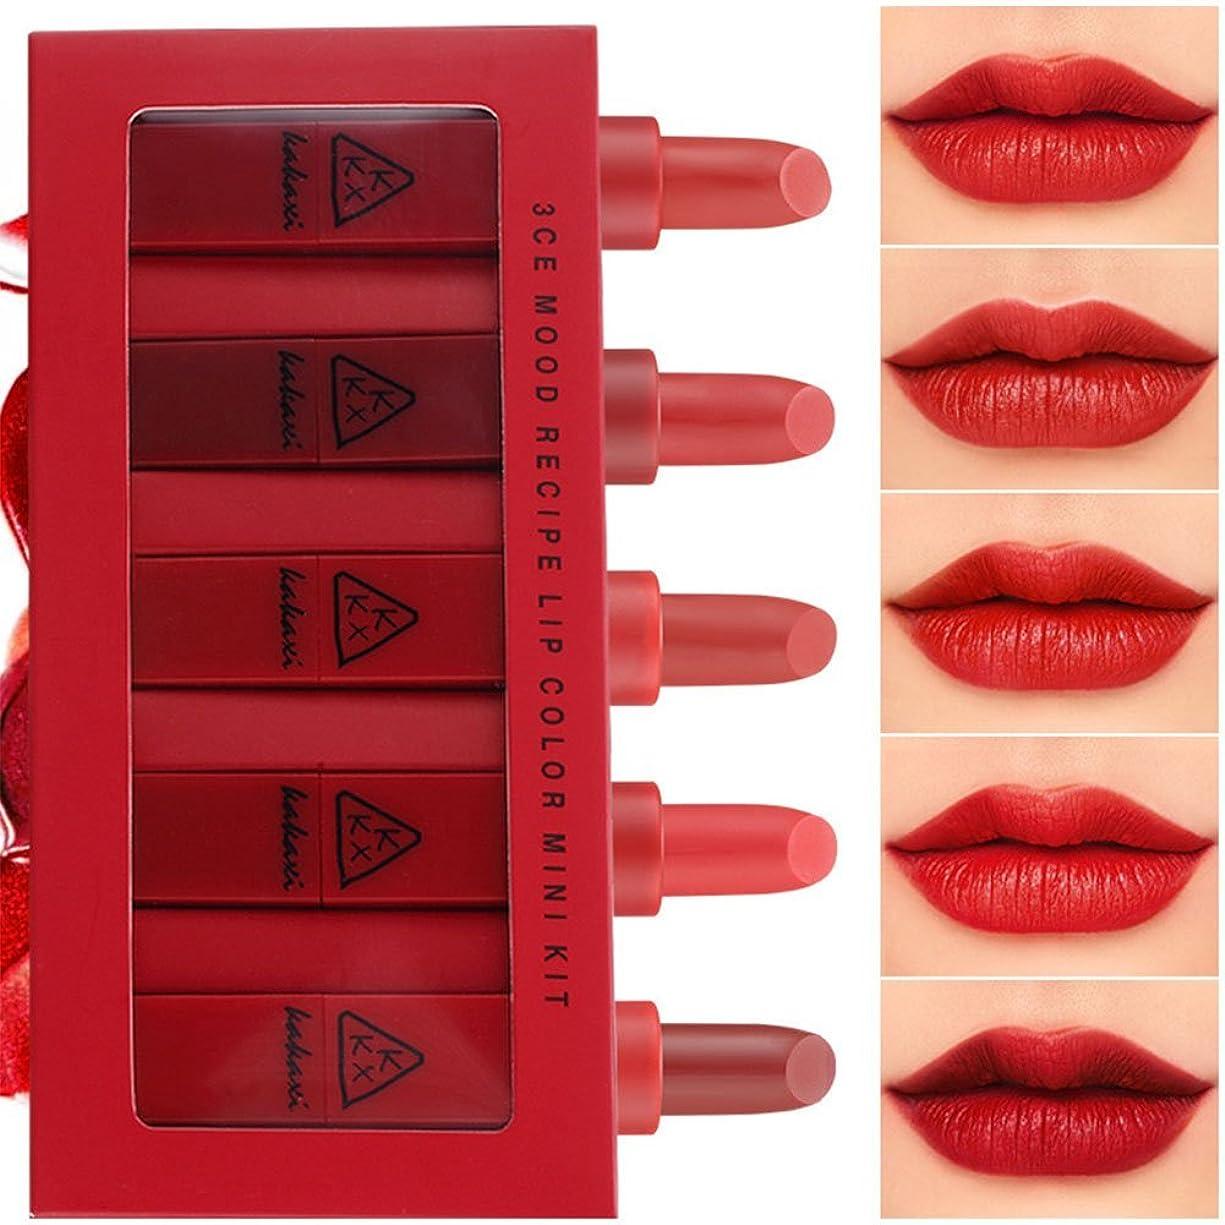 なに日マートRaiFu リップスティック セット 5色 口紅 長続き防水リップ 化粧品 マット リップスティック セット 5本/セットコスプレ、ハロウィーン、クリスマスなどに兼用 レッド